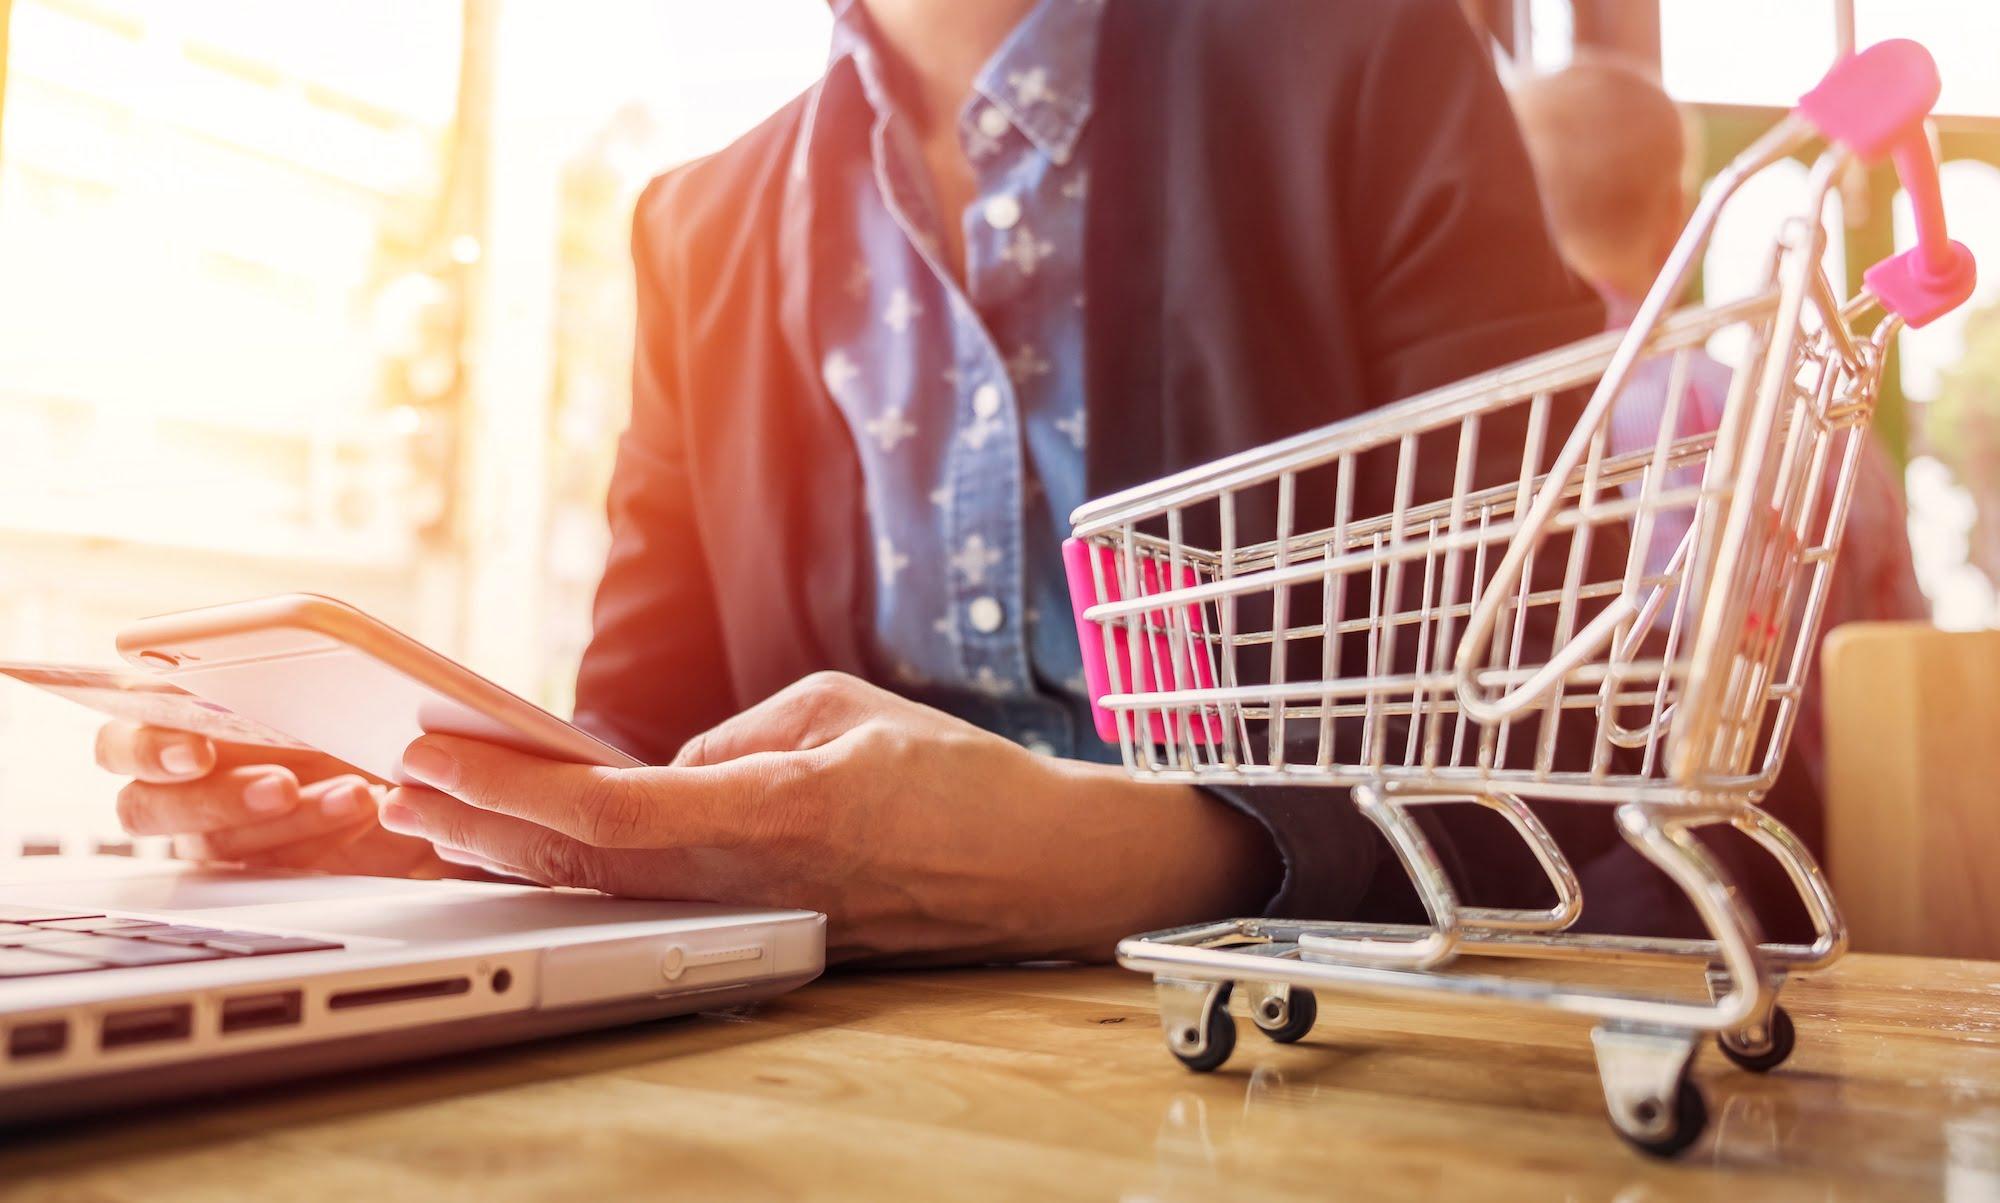 Online satışların güvenliği artık yapay zeka teknolojisine emanet